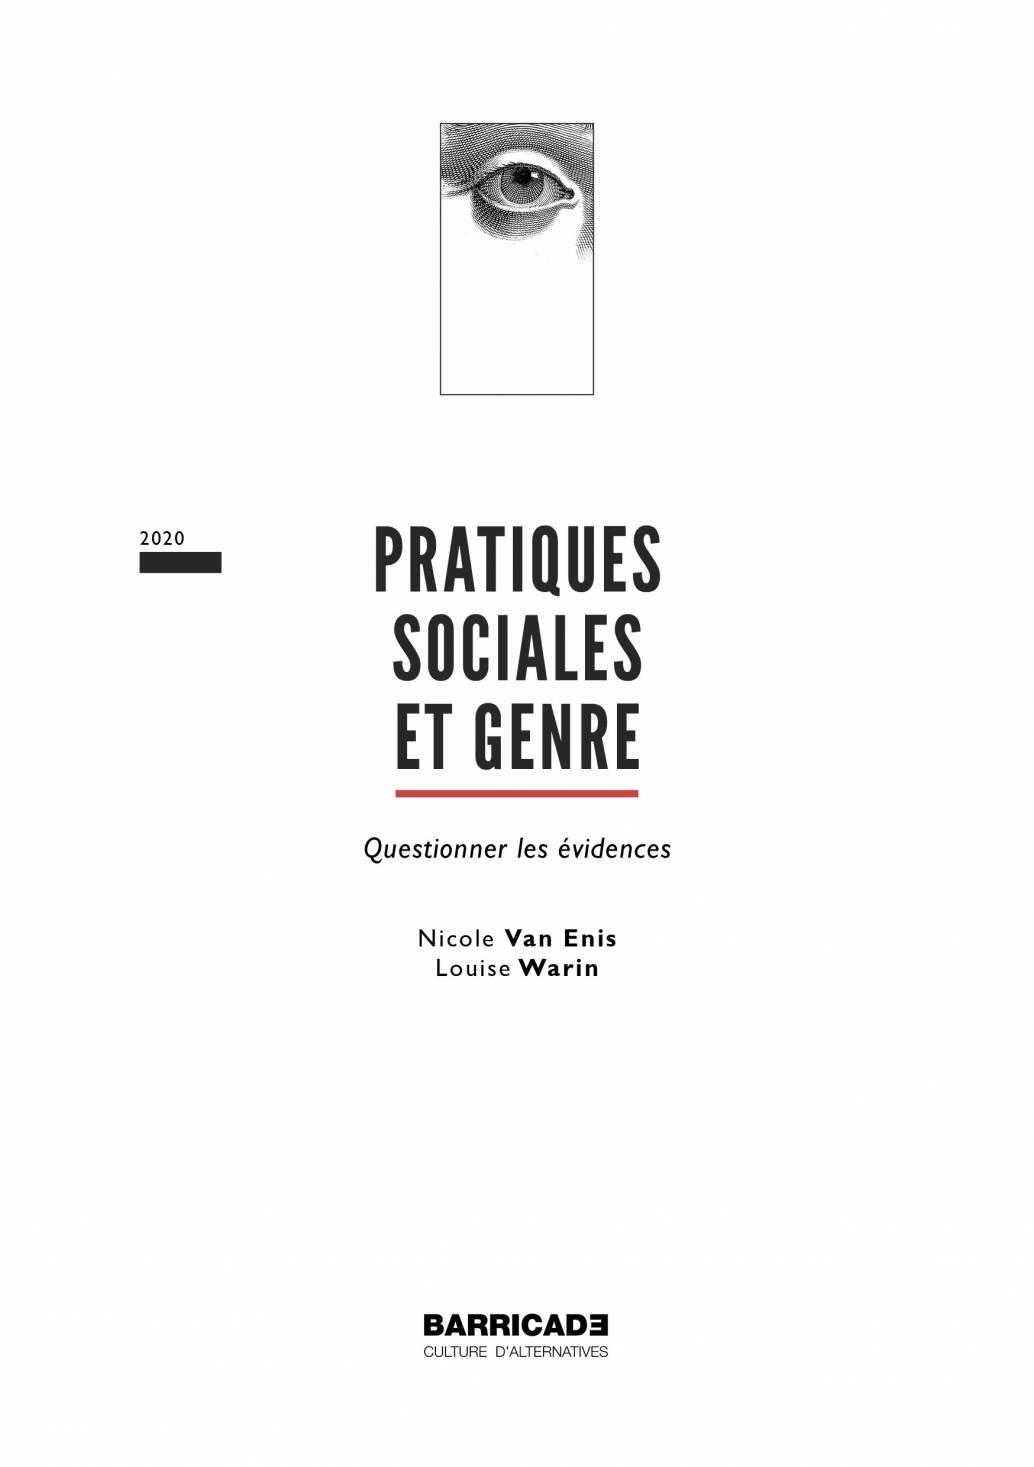 2020_pratiques-sociales-et-genre_questionner-les-evidences.jpg